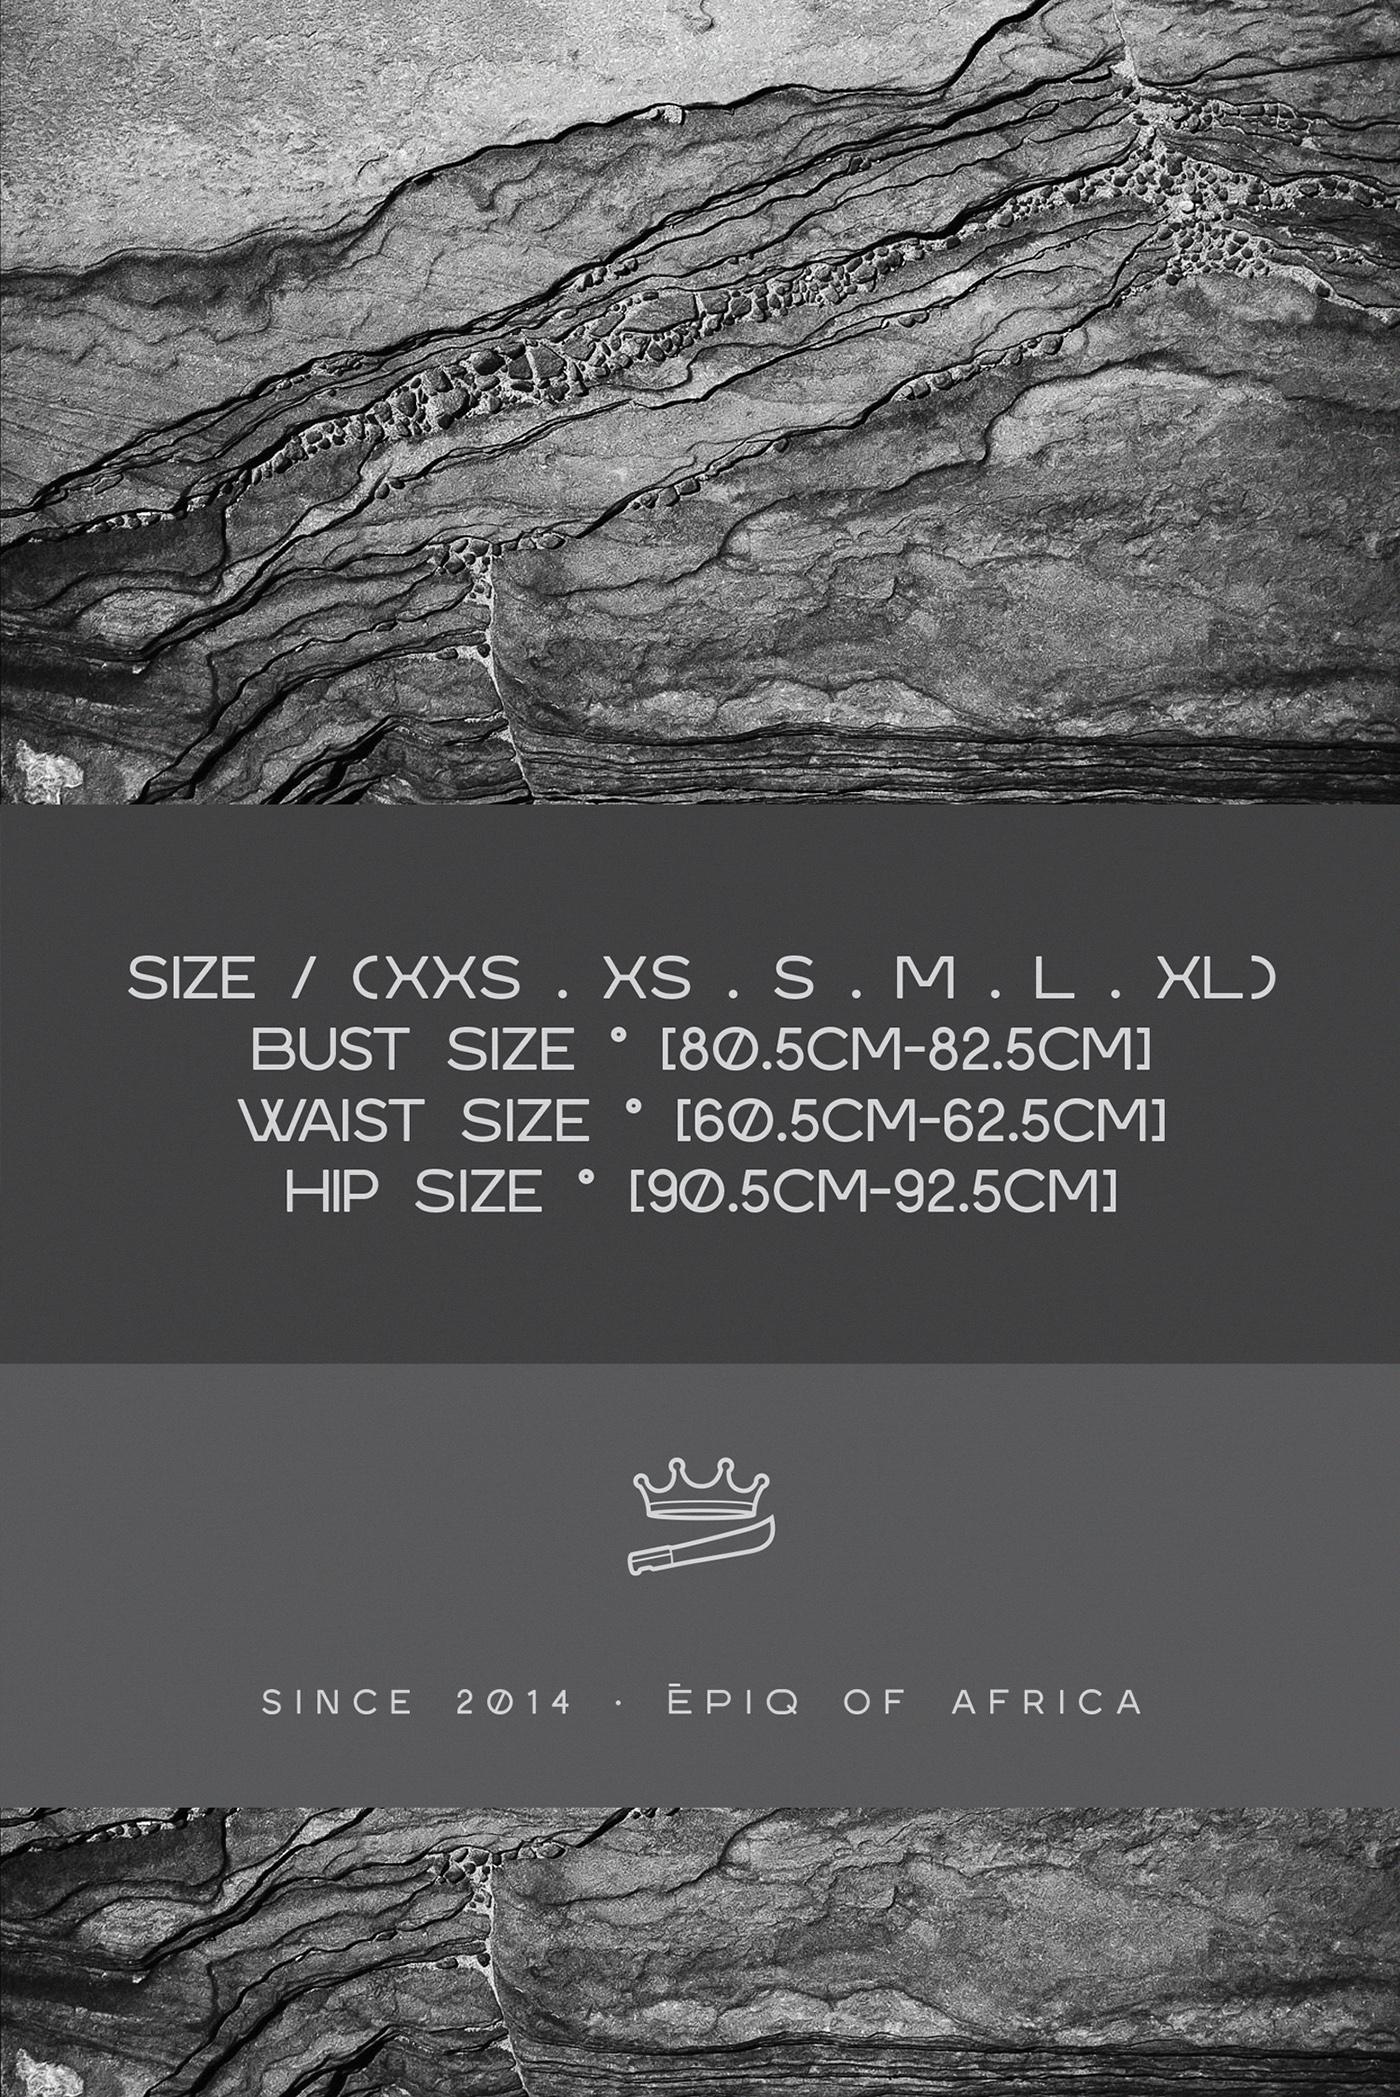 epiq endlessplace pedro cruz Typeface Custom expand africa